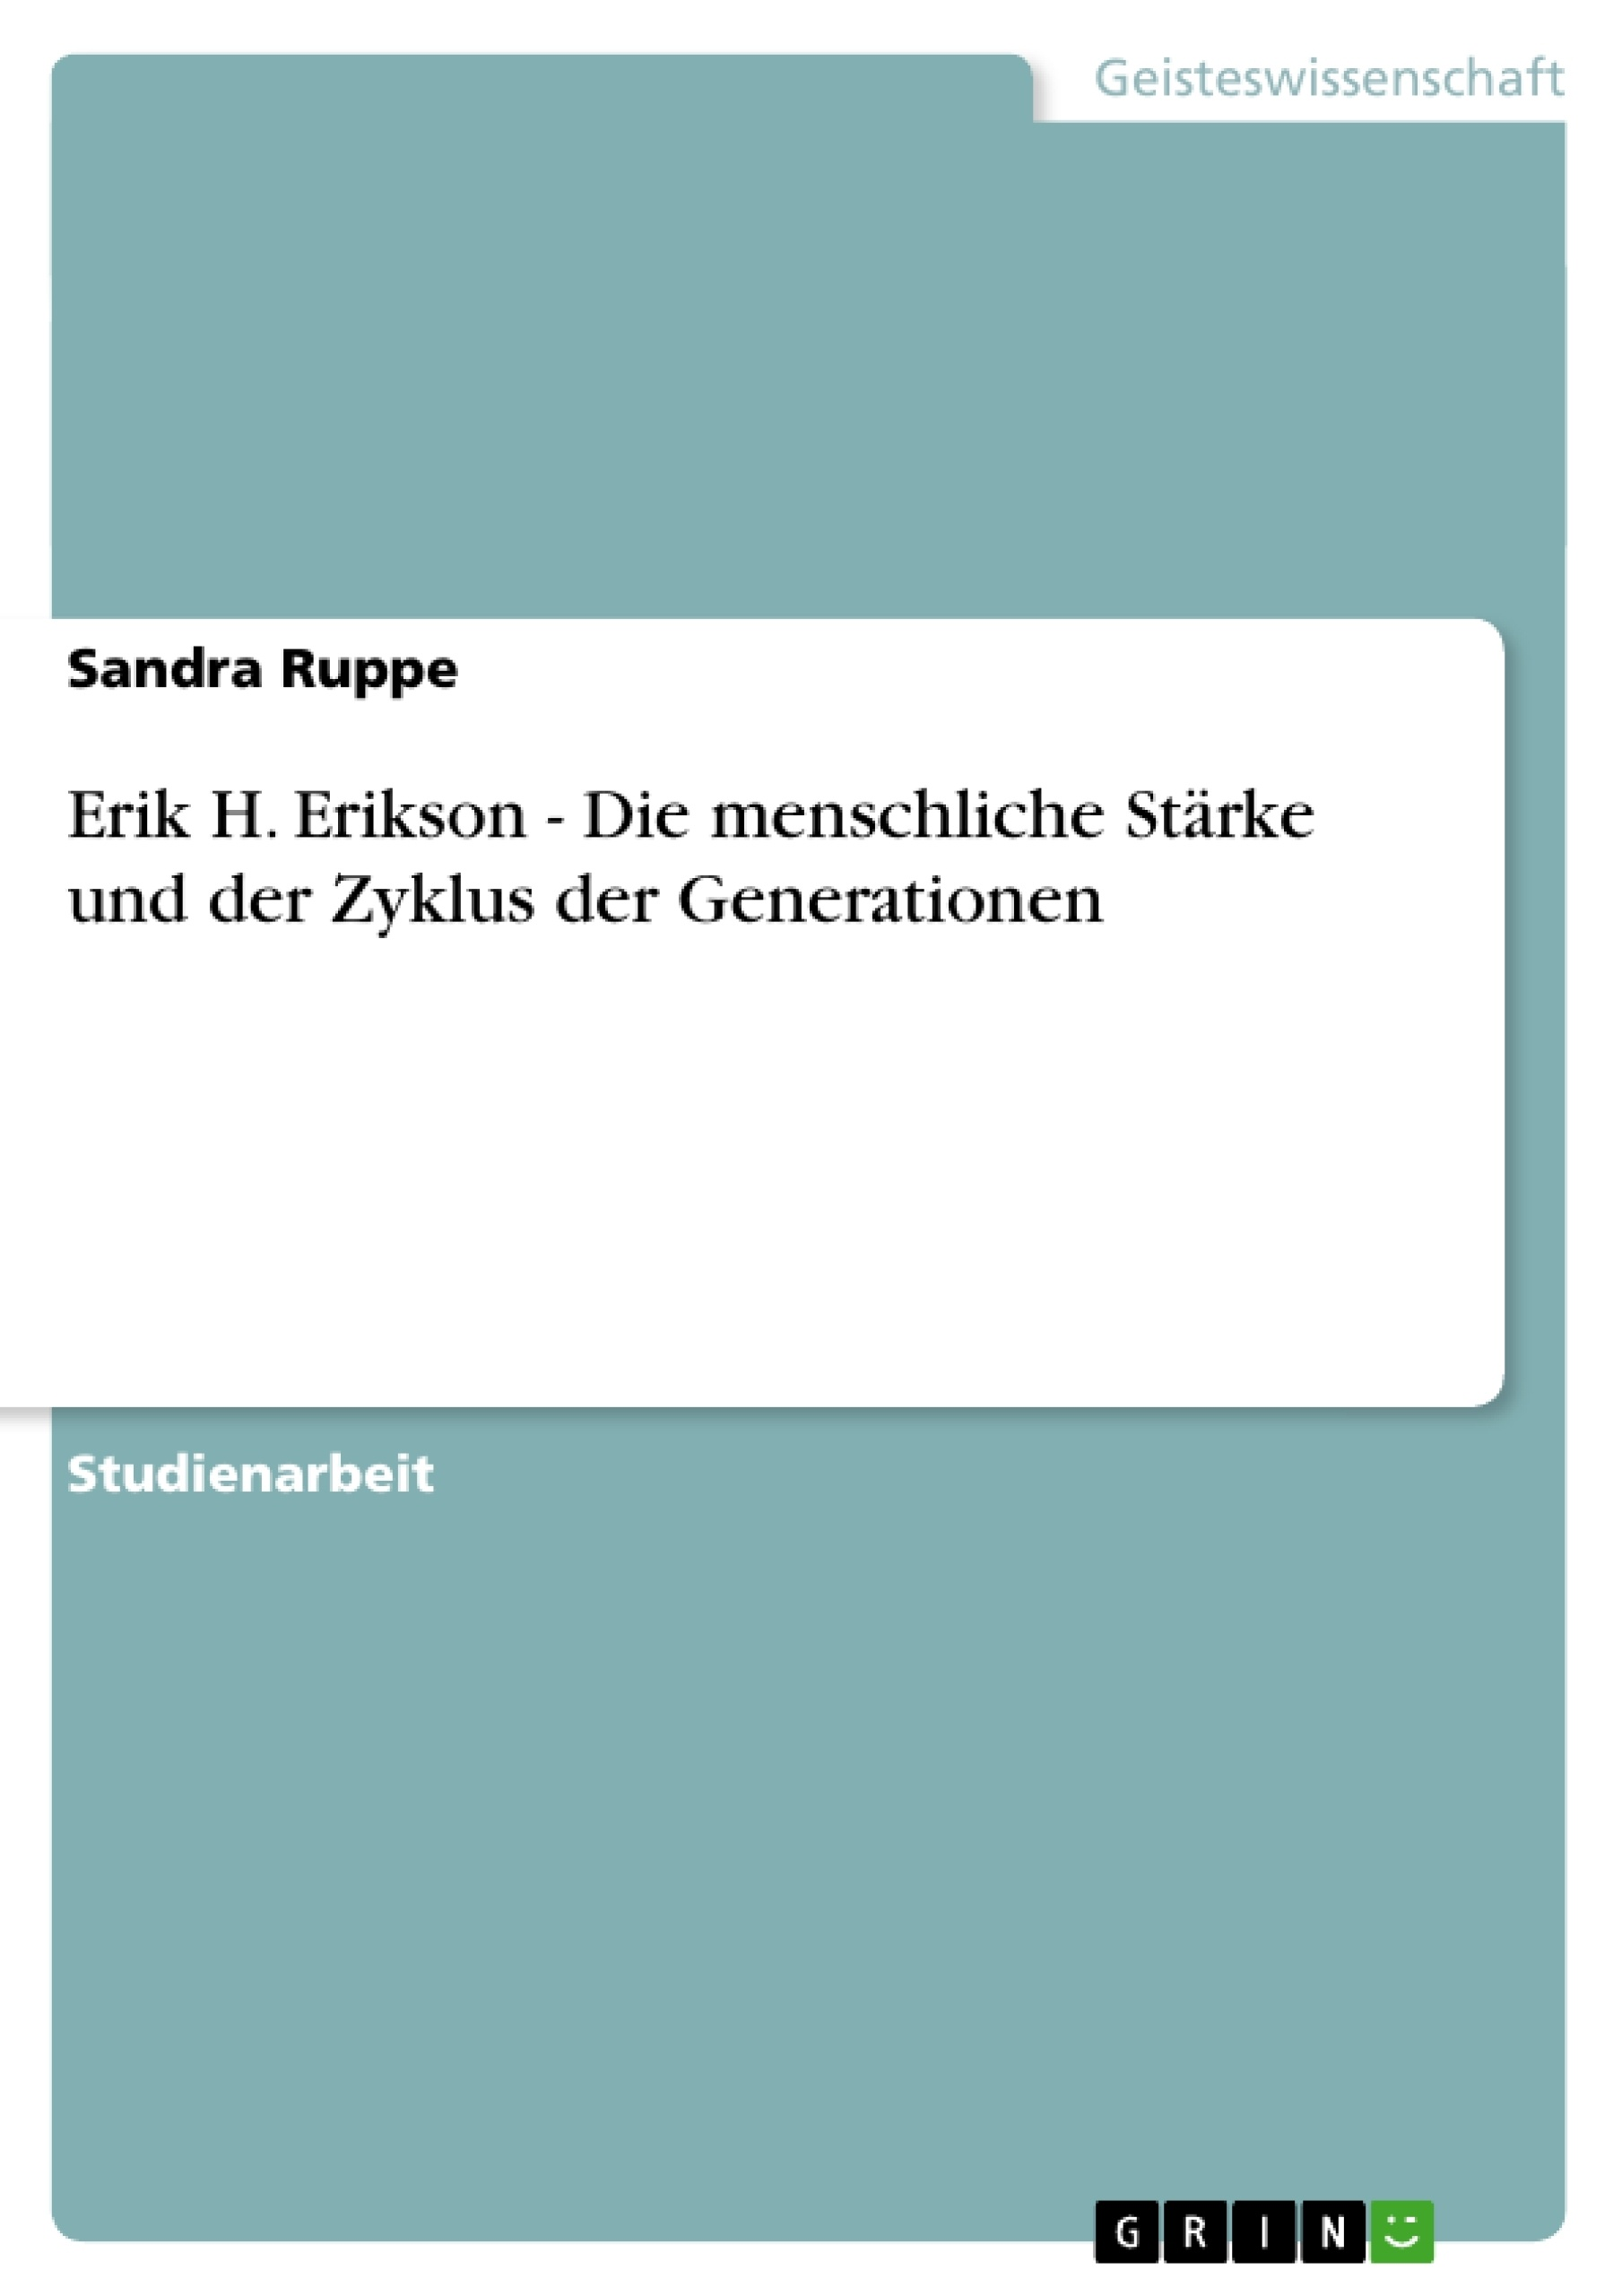 Titel: Erik H. Erikson - Die menschliche Stärke und der Zyklus der Generationen